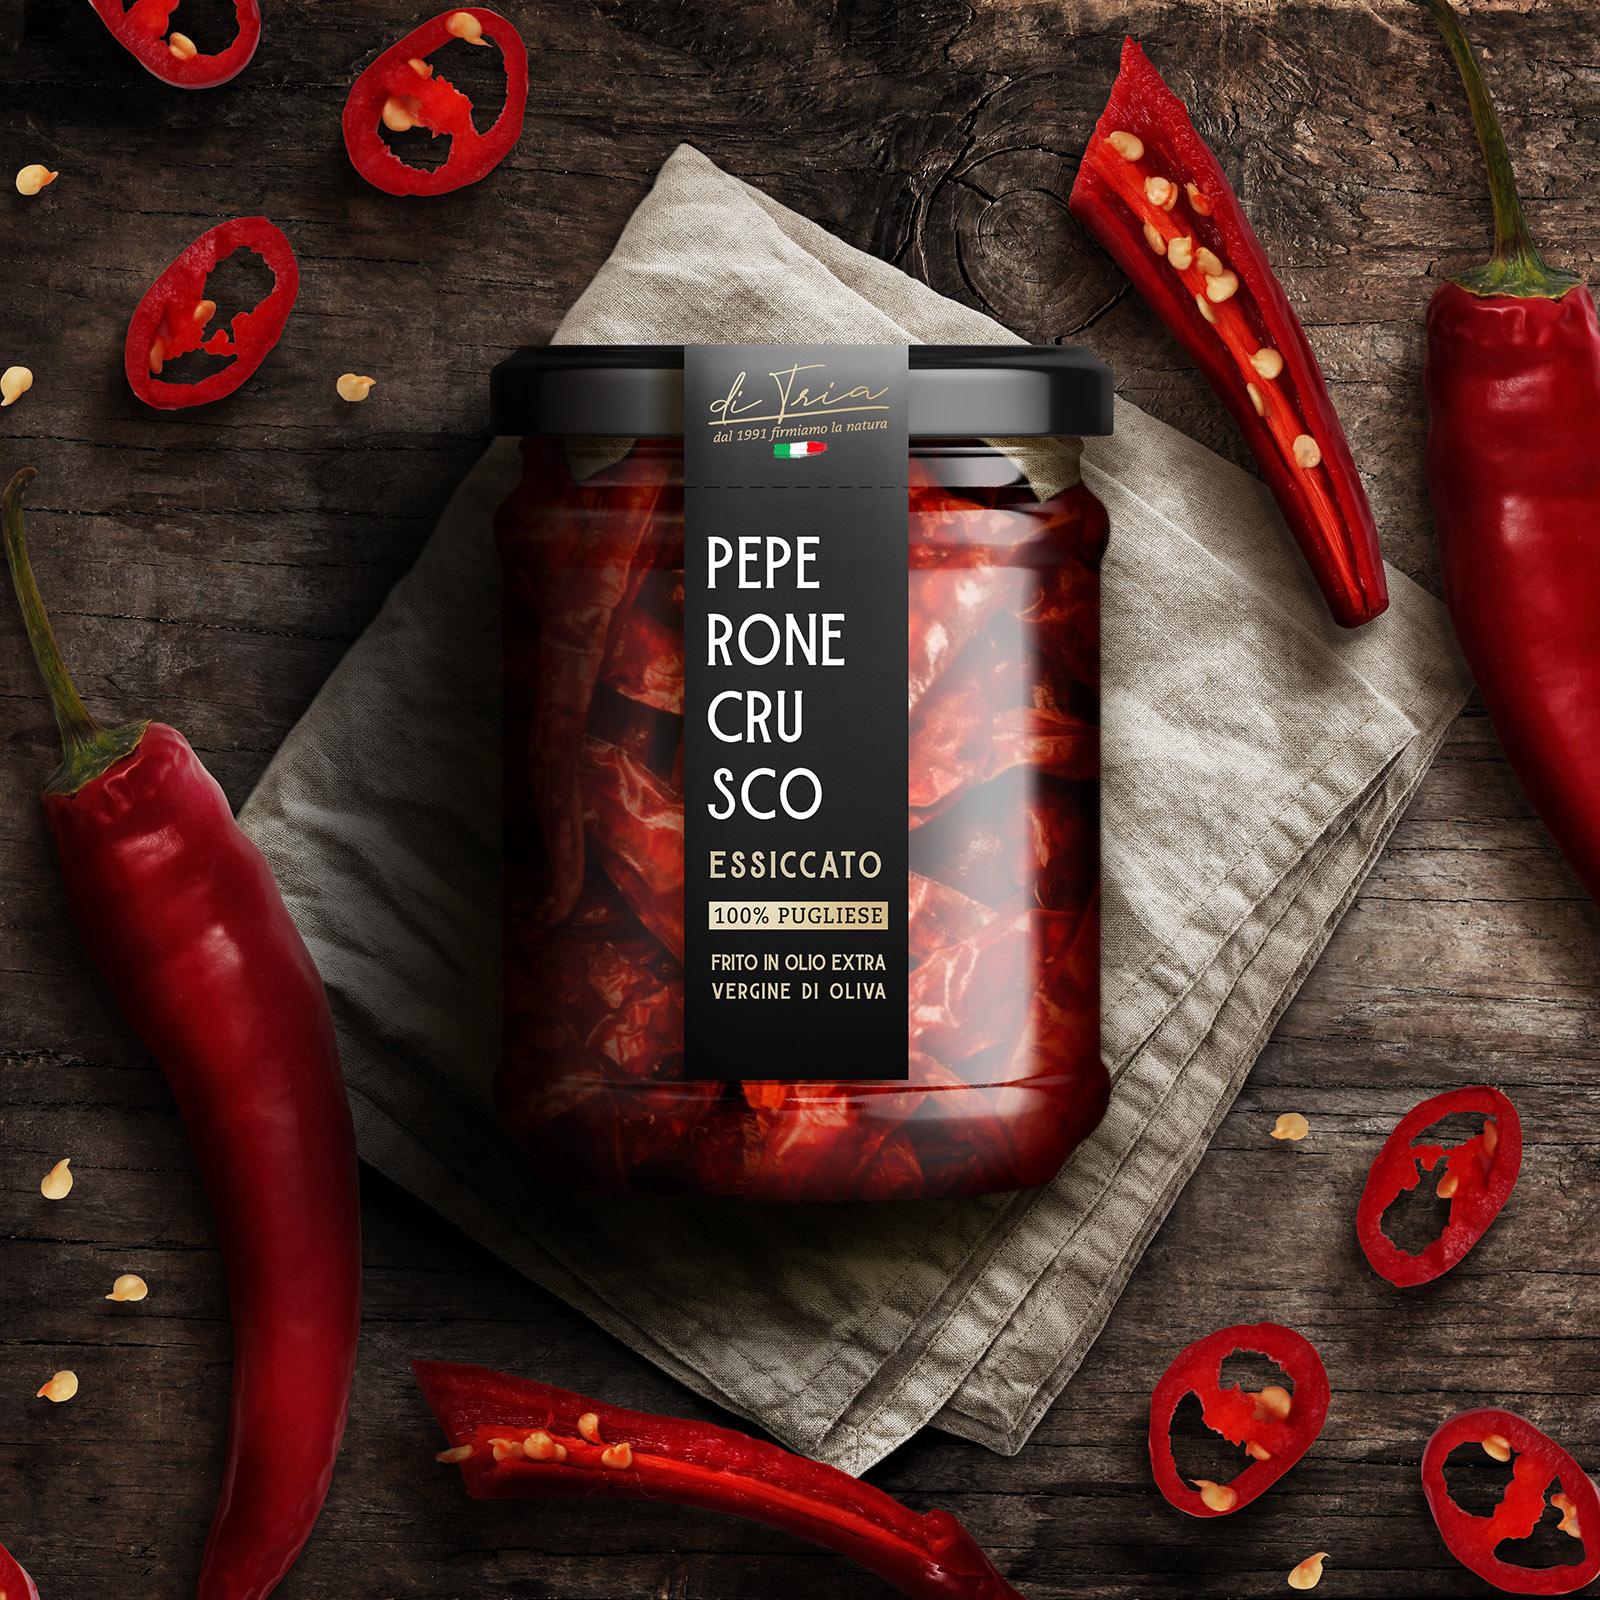 Peperone Crusco